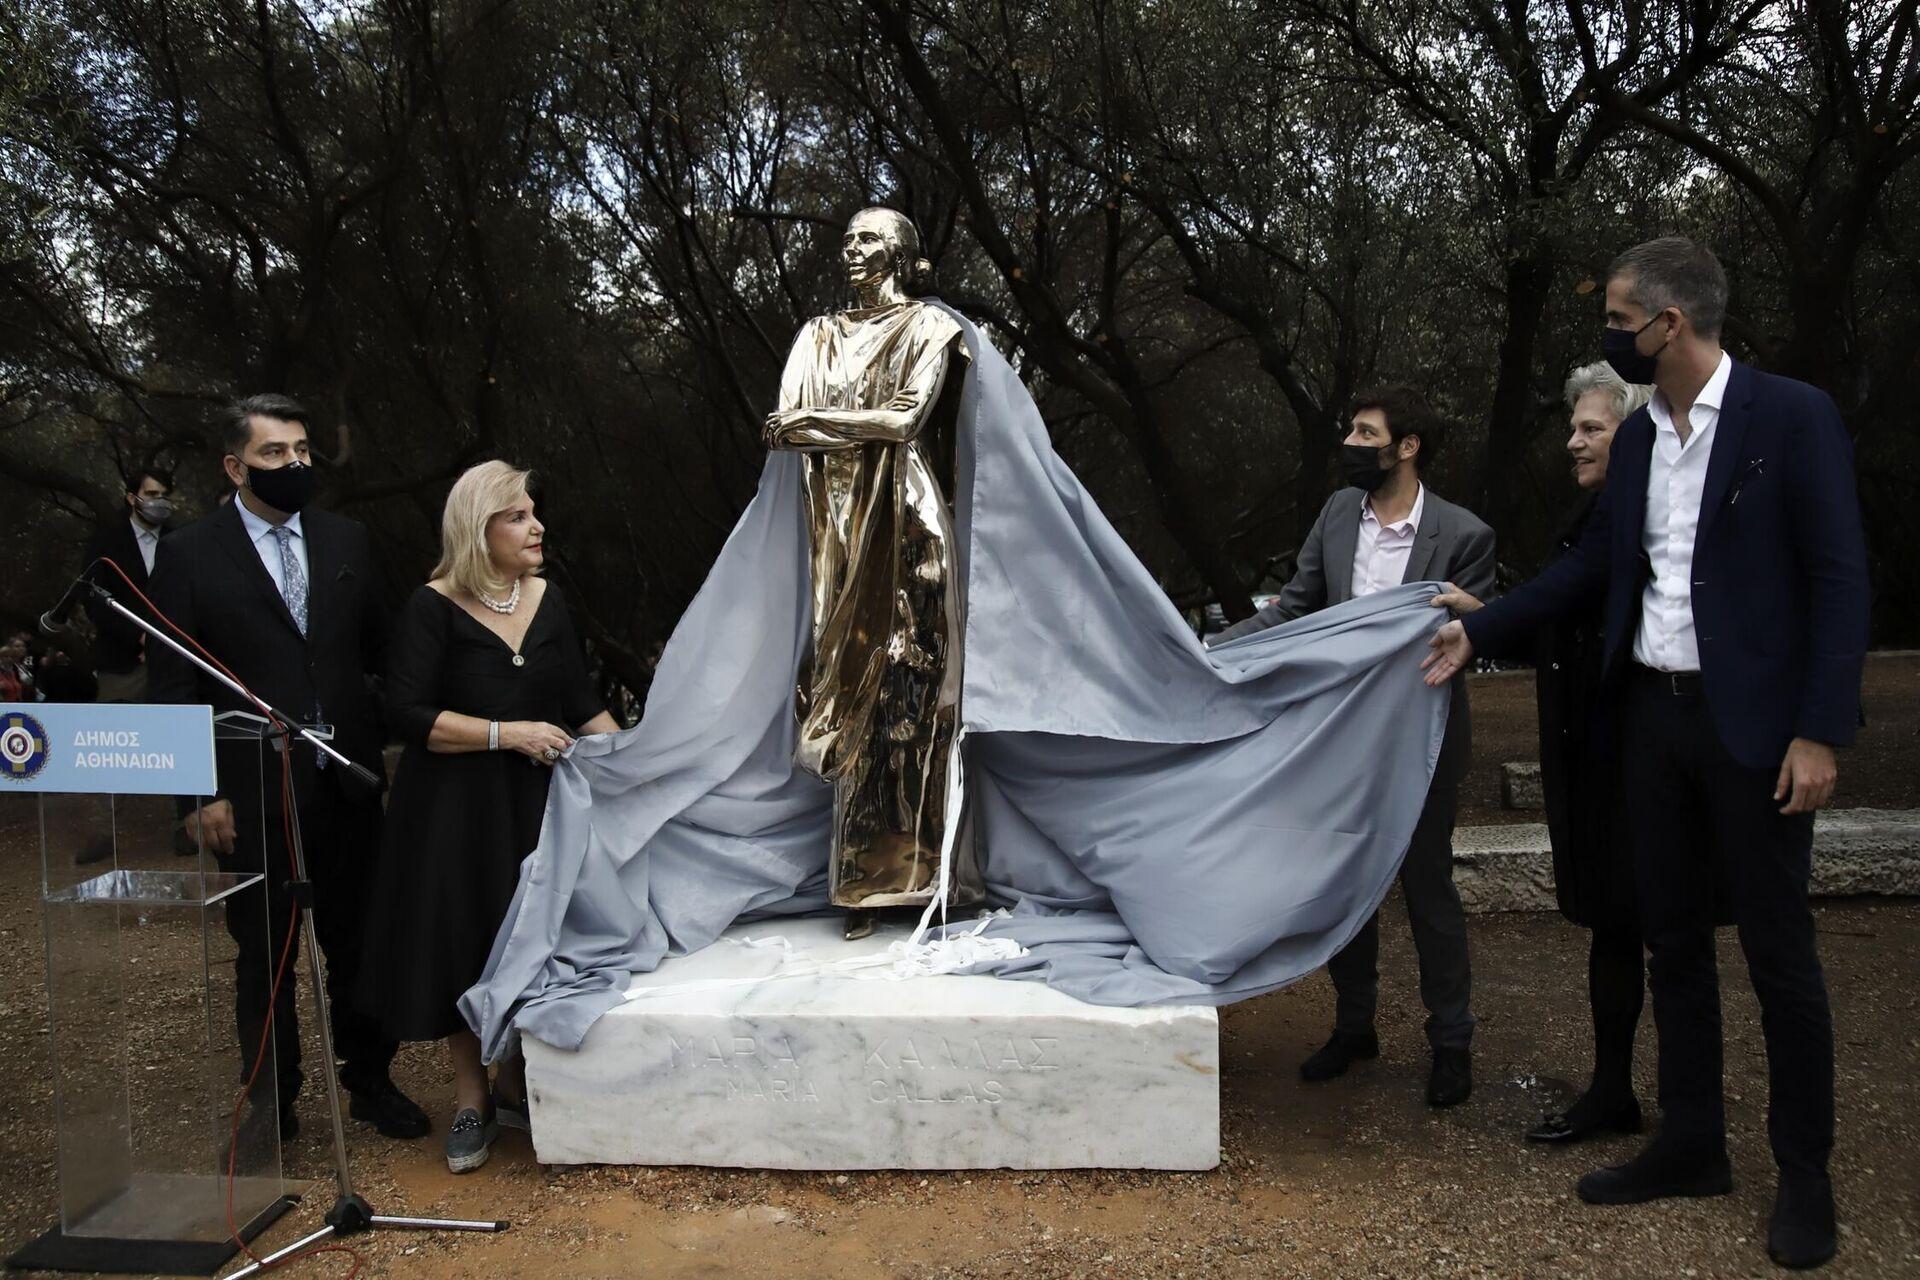 Αποκαλυπτήρια του αγάλματος της Μαρίας Κάλλας - Sputnik Ελλάδα, 1920, 11.10.2021